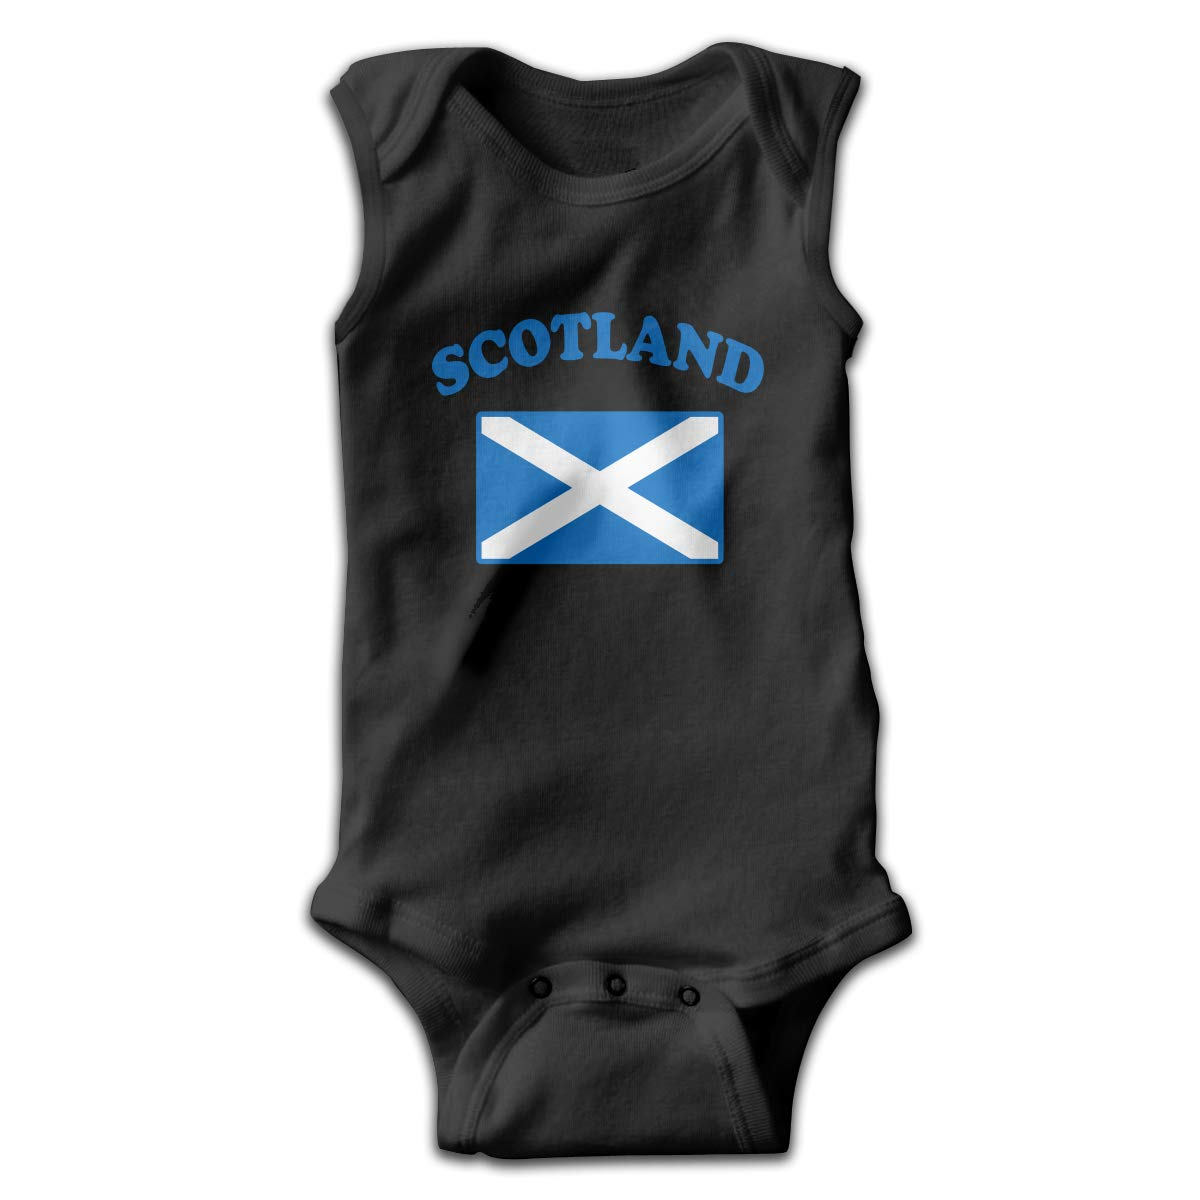 MMSSsJQ6 Flag of Scotland Infant Baby Boys Girls Infant Creeper Sleeveless Rompers Romper Jumpsuit